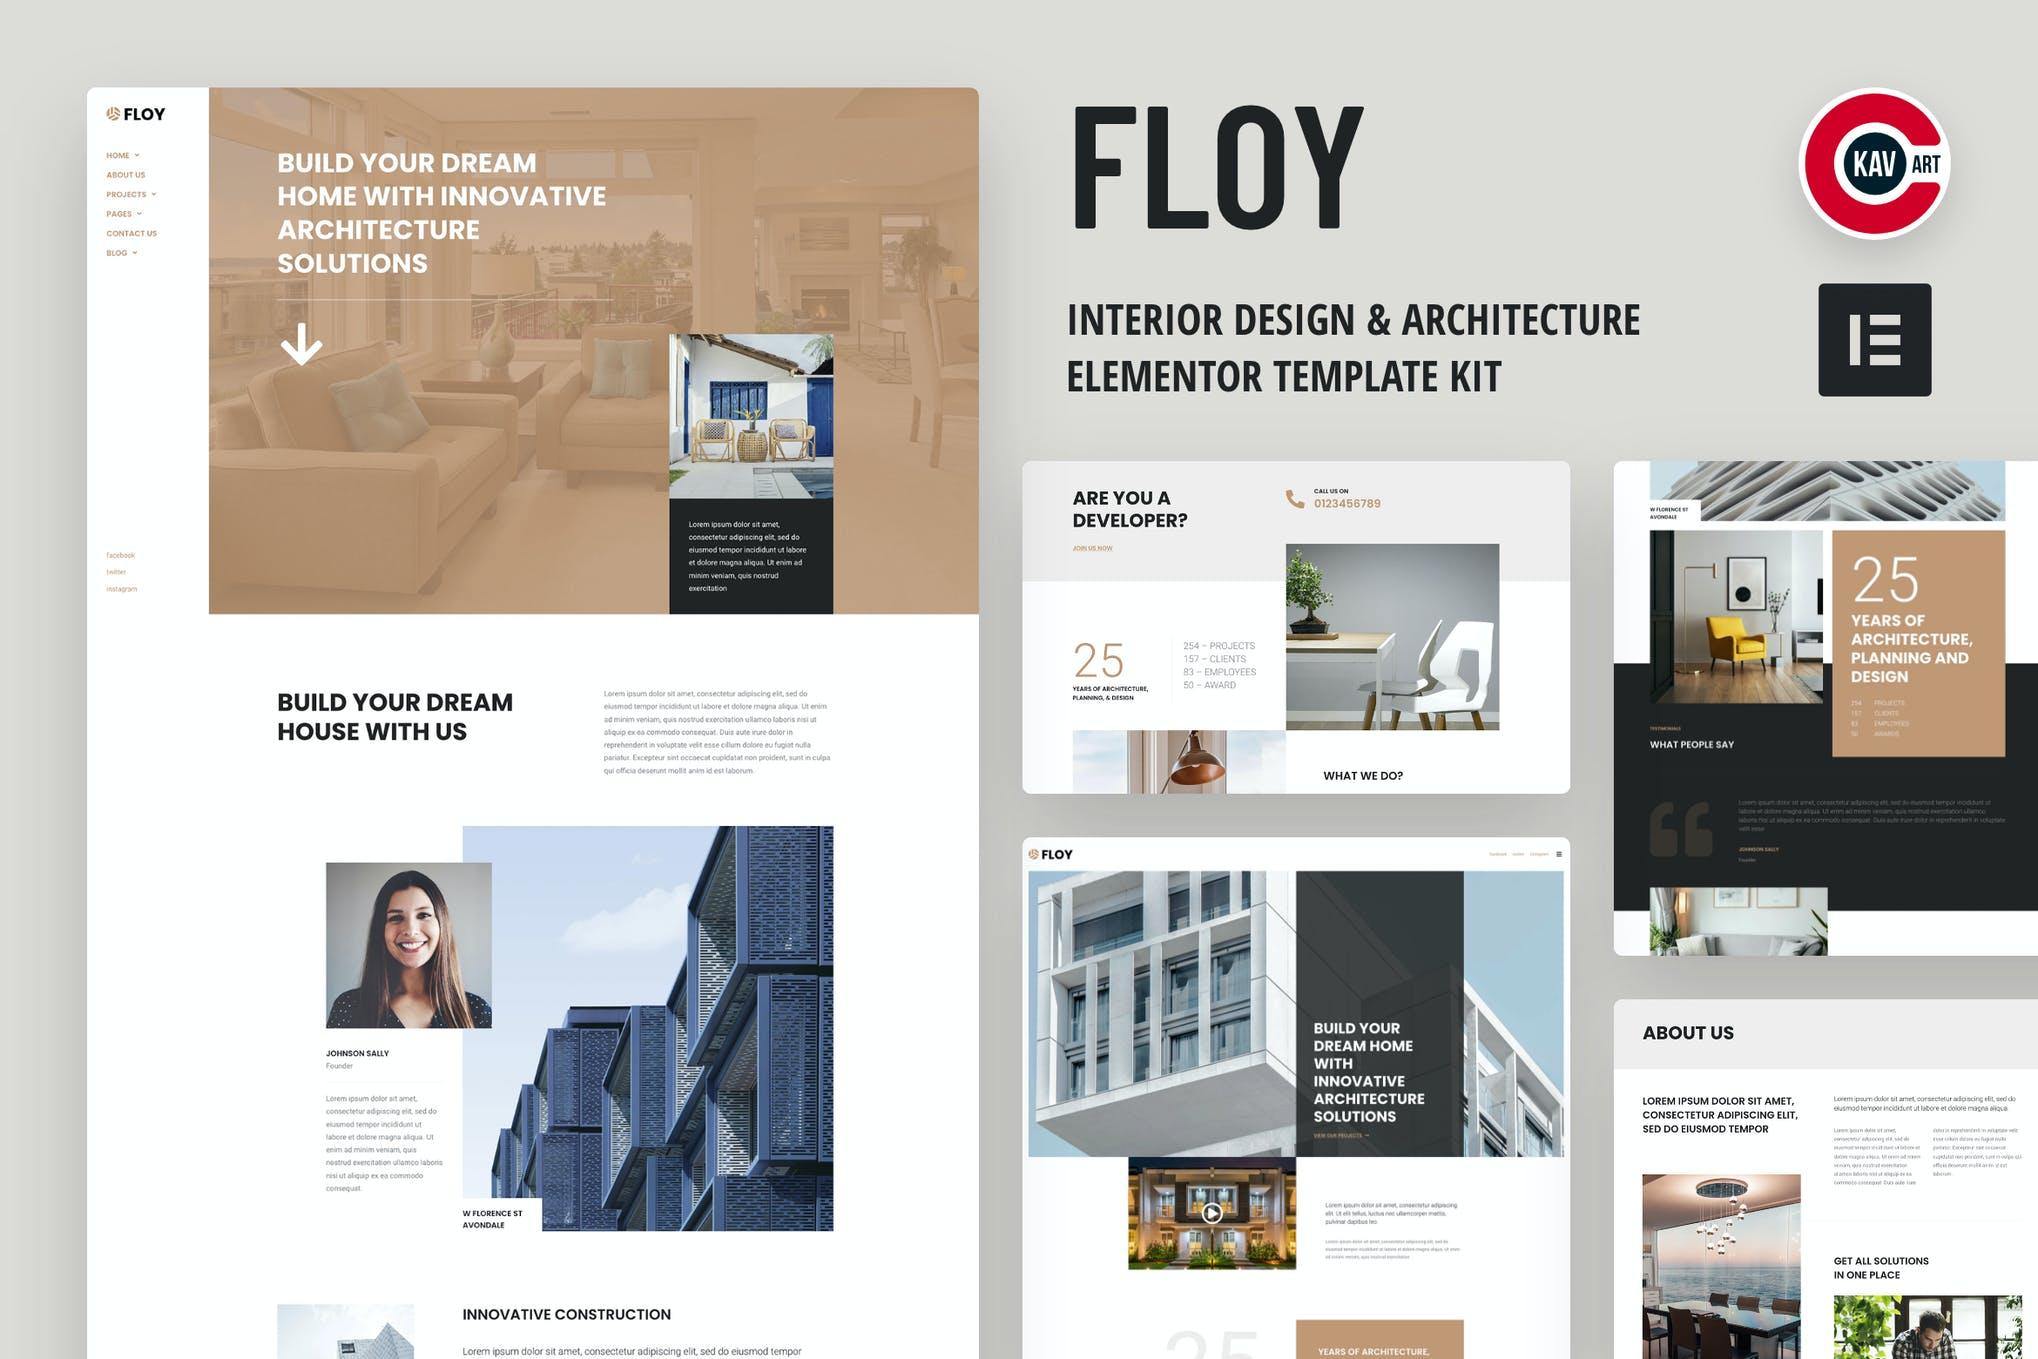 Floy.jpg